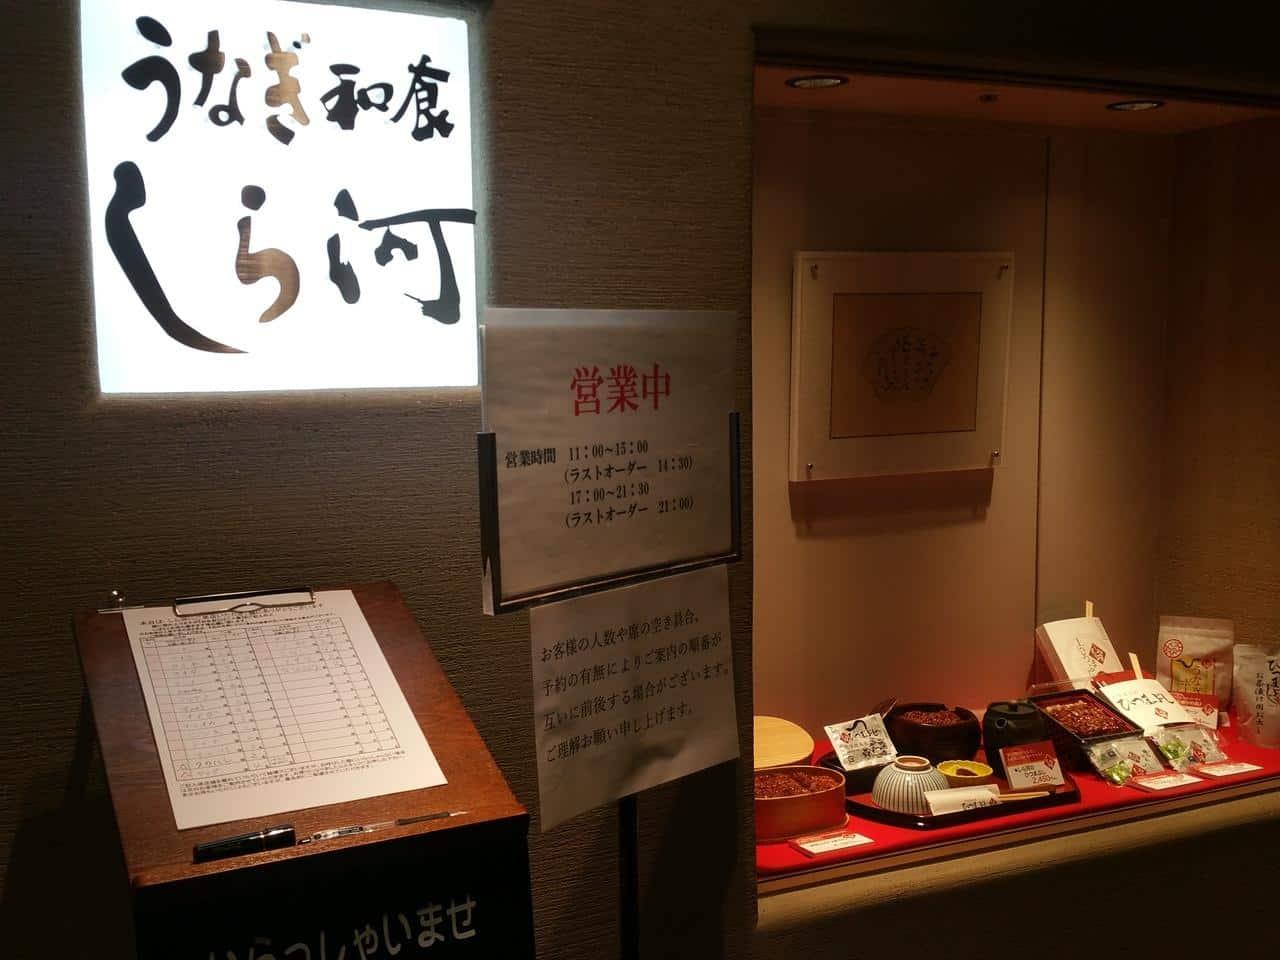 ร้านชิราคาวะ สาขาสถานีนาโกย่า (Shirakawa Meieki-ten : しら河 名駅店)